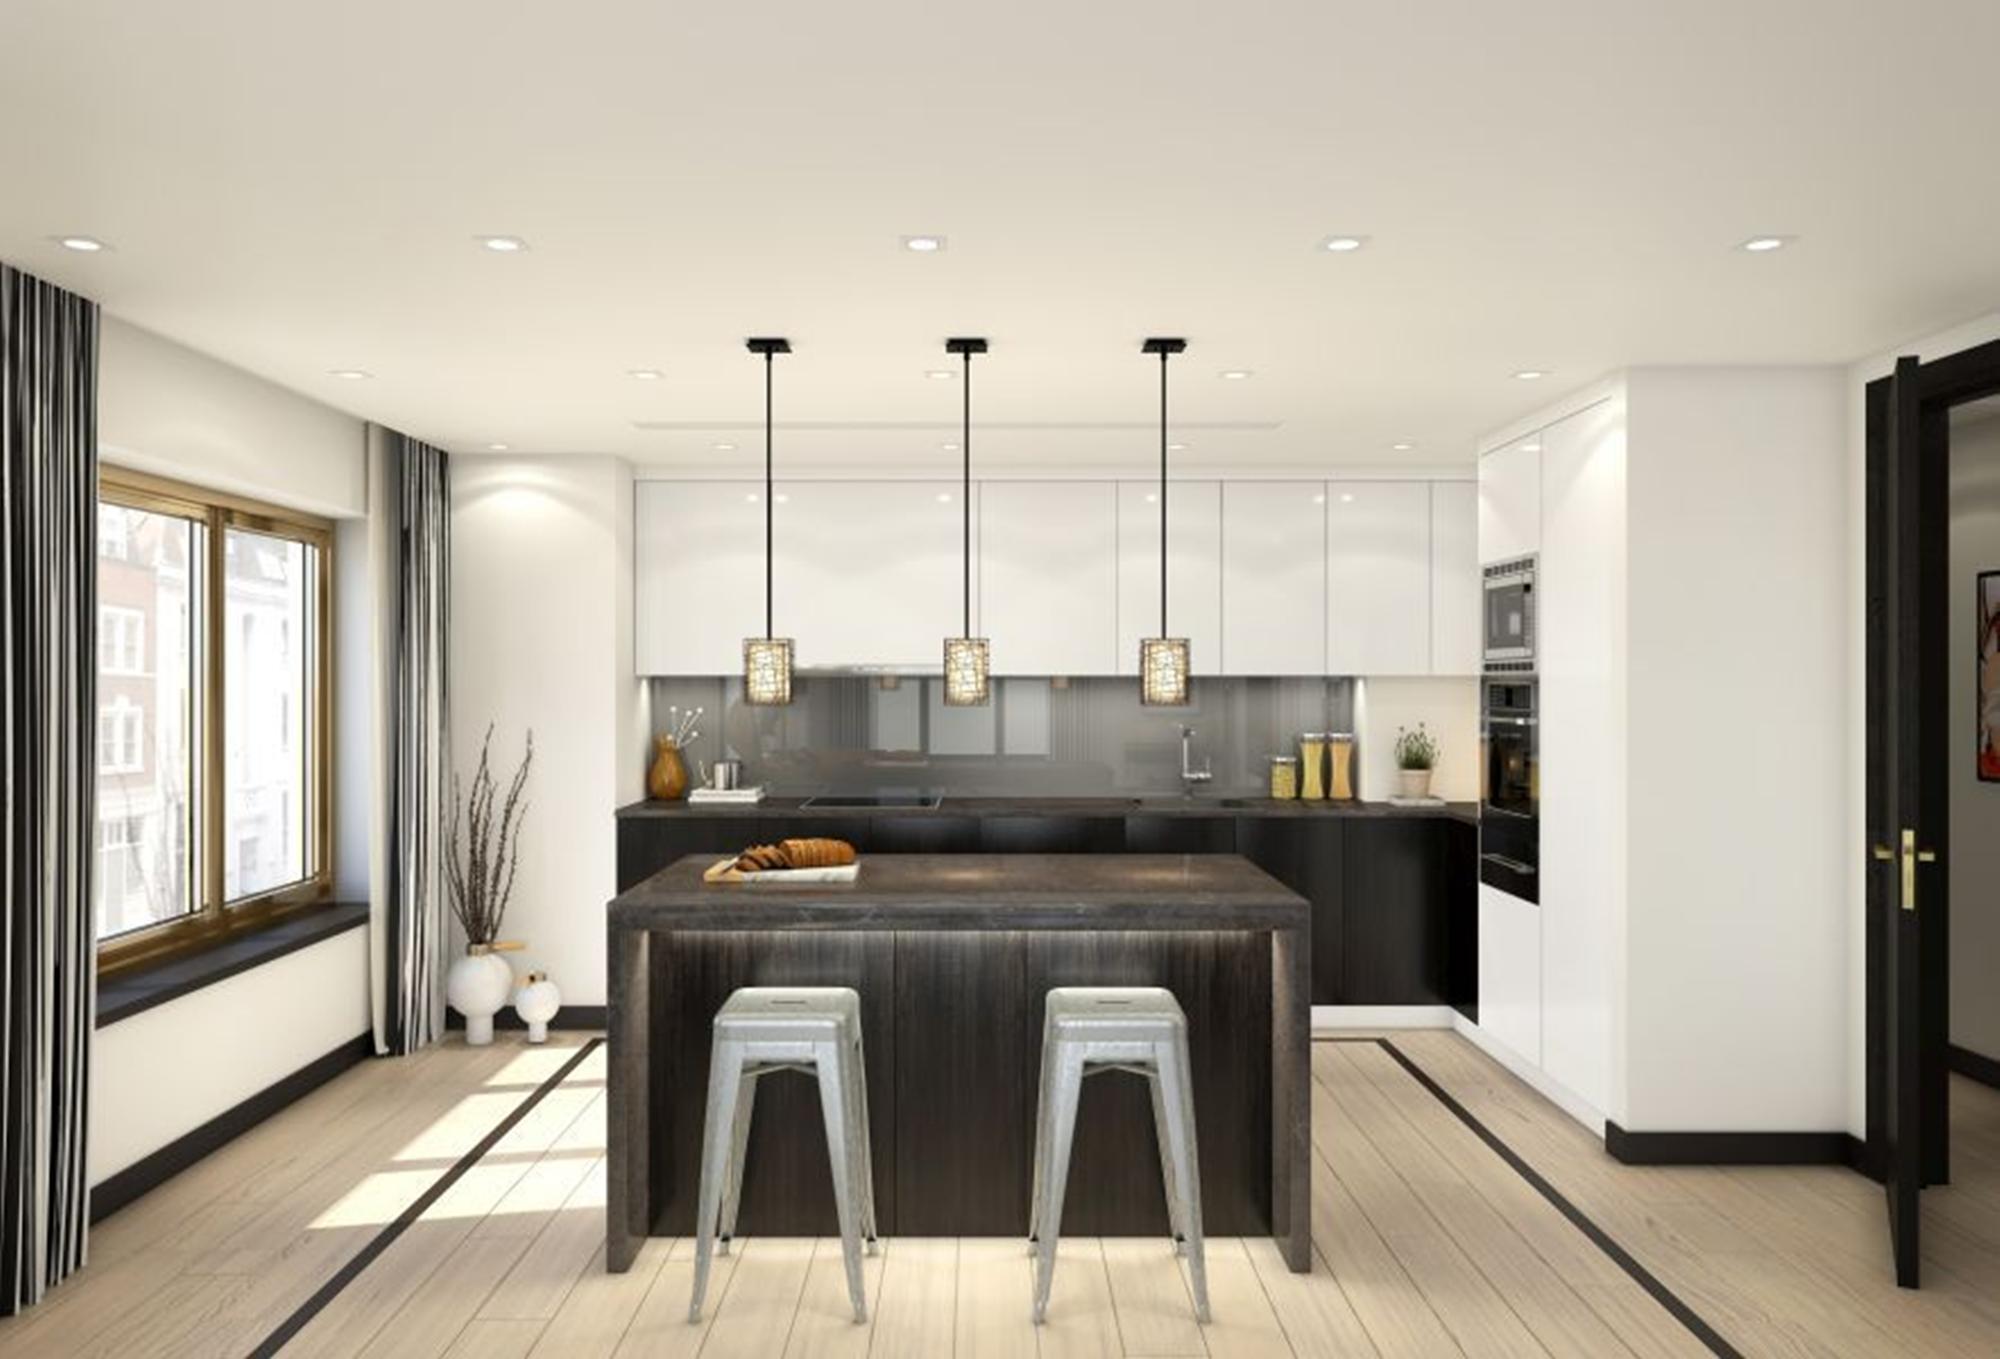 Designer Kitchens Potters Bar Top 40 Brands In Blurb